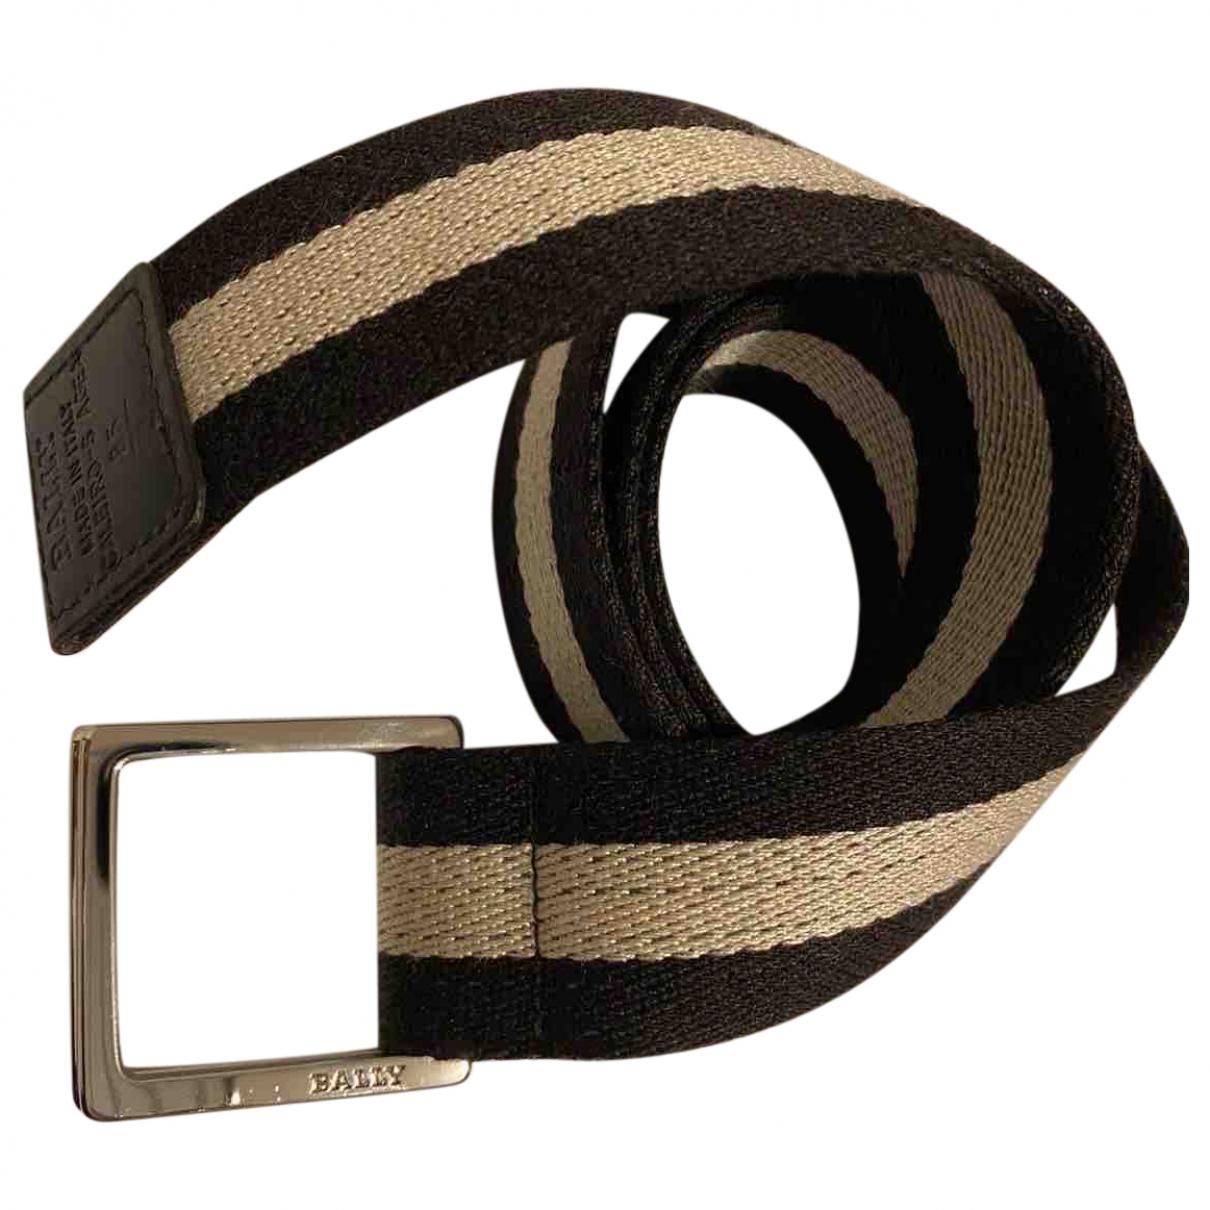 Cinturon de Lona Bally